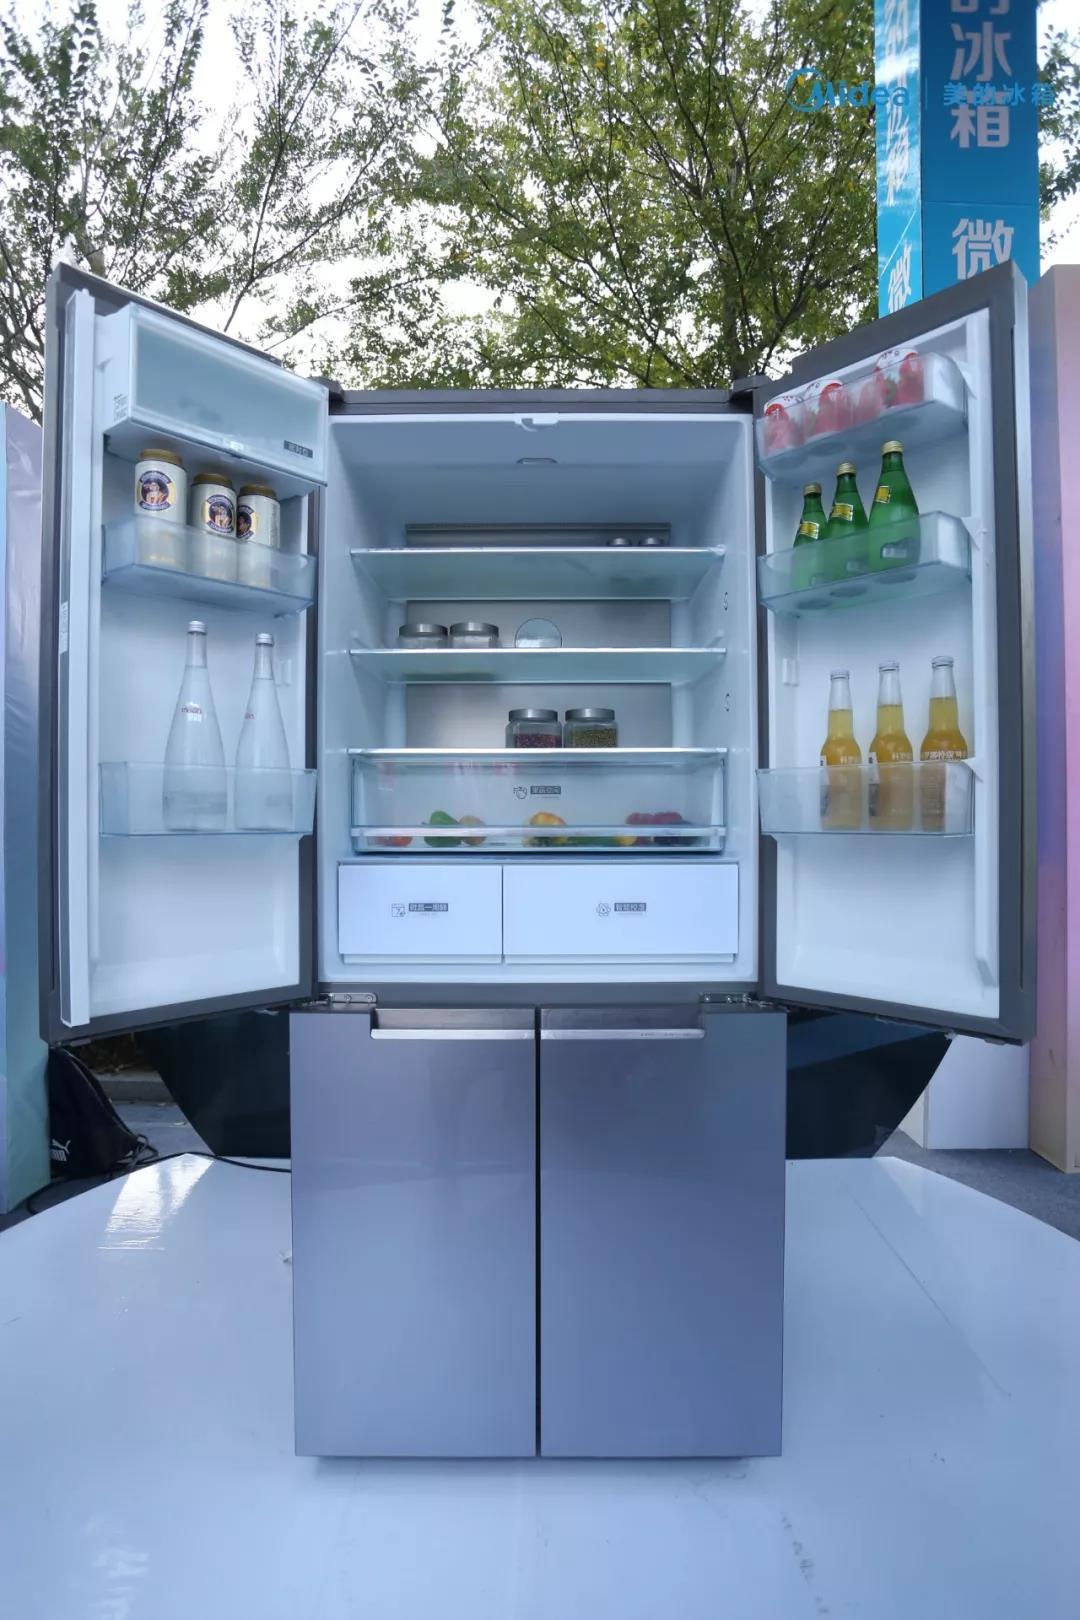 智能保鲜冰箱.jpg